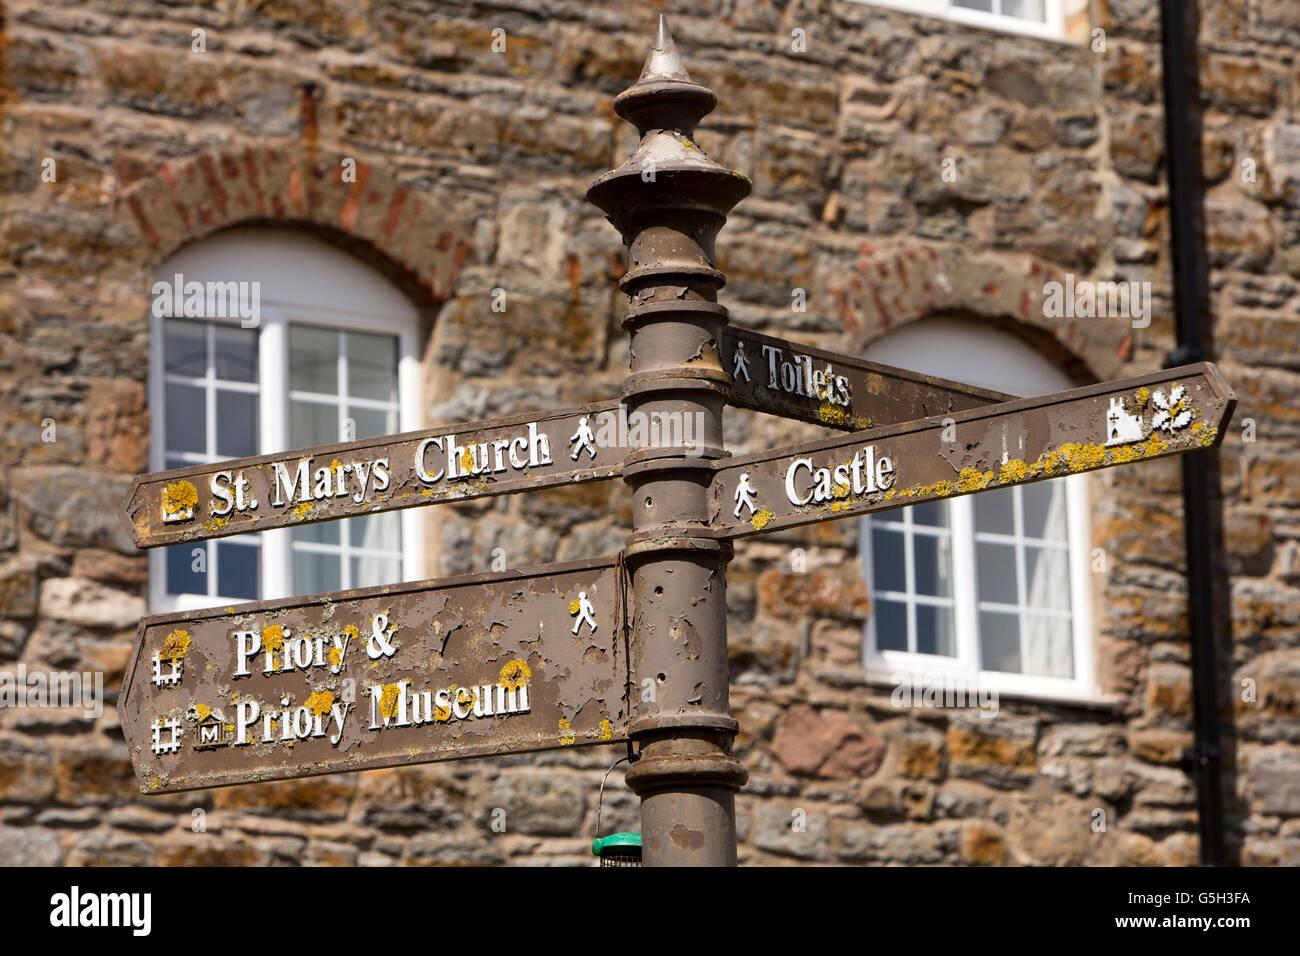 Reino Unido, Inglaterra Northumberland, Lindisfarne, Holy Island, Marygate, cubiertos de líquenes de orientación turística Foto de stock